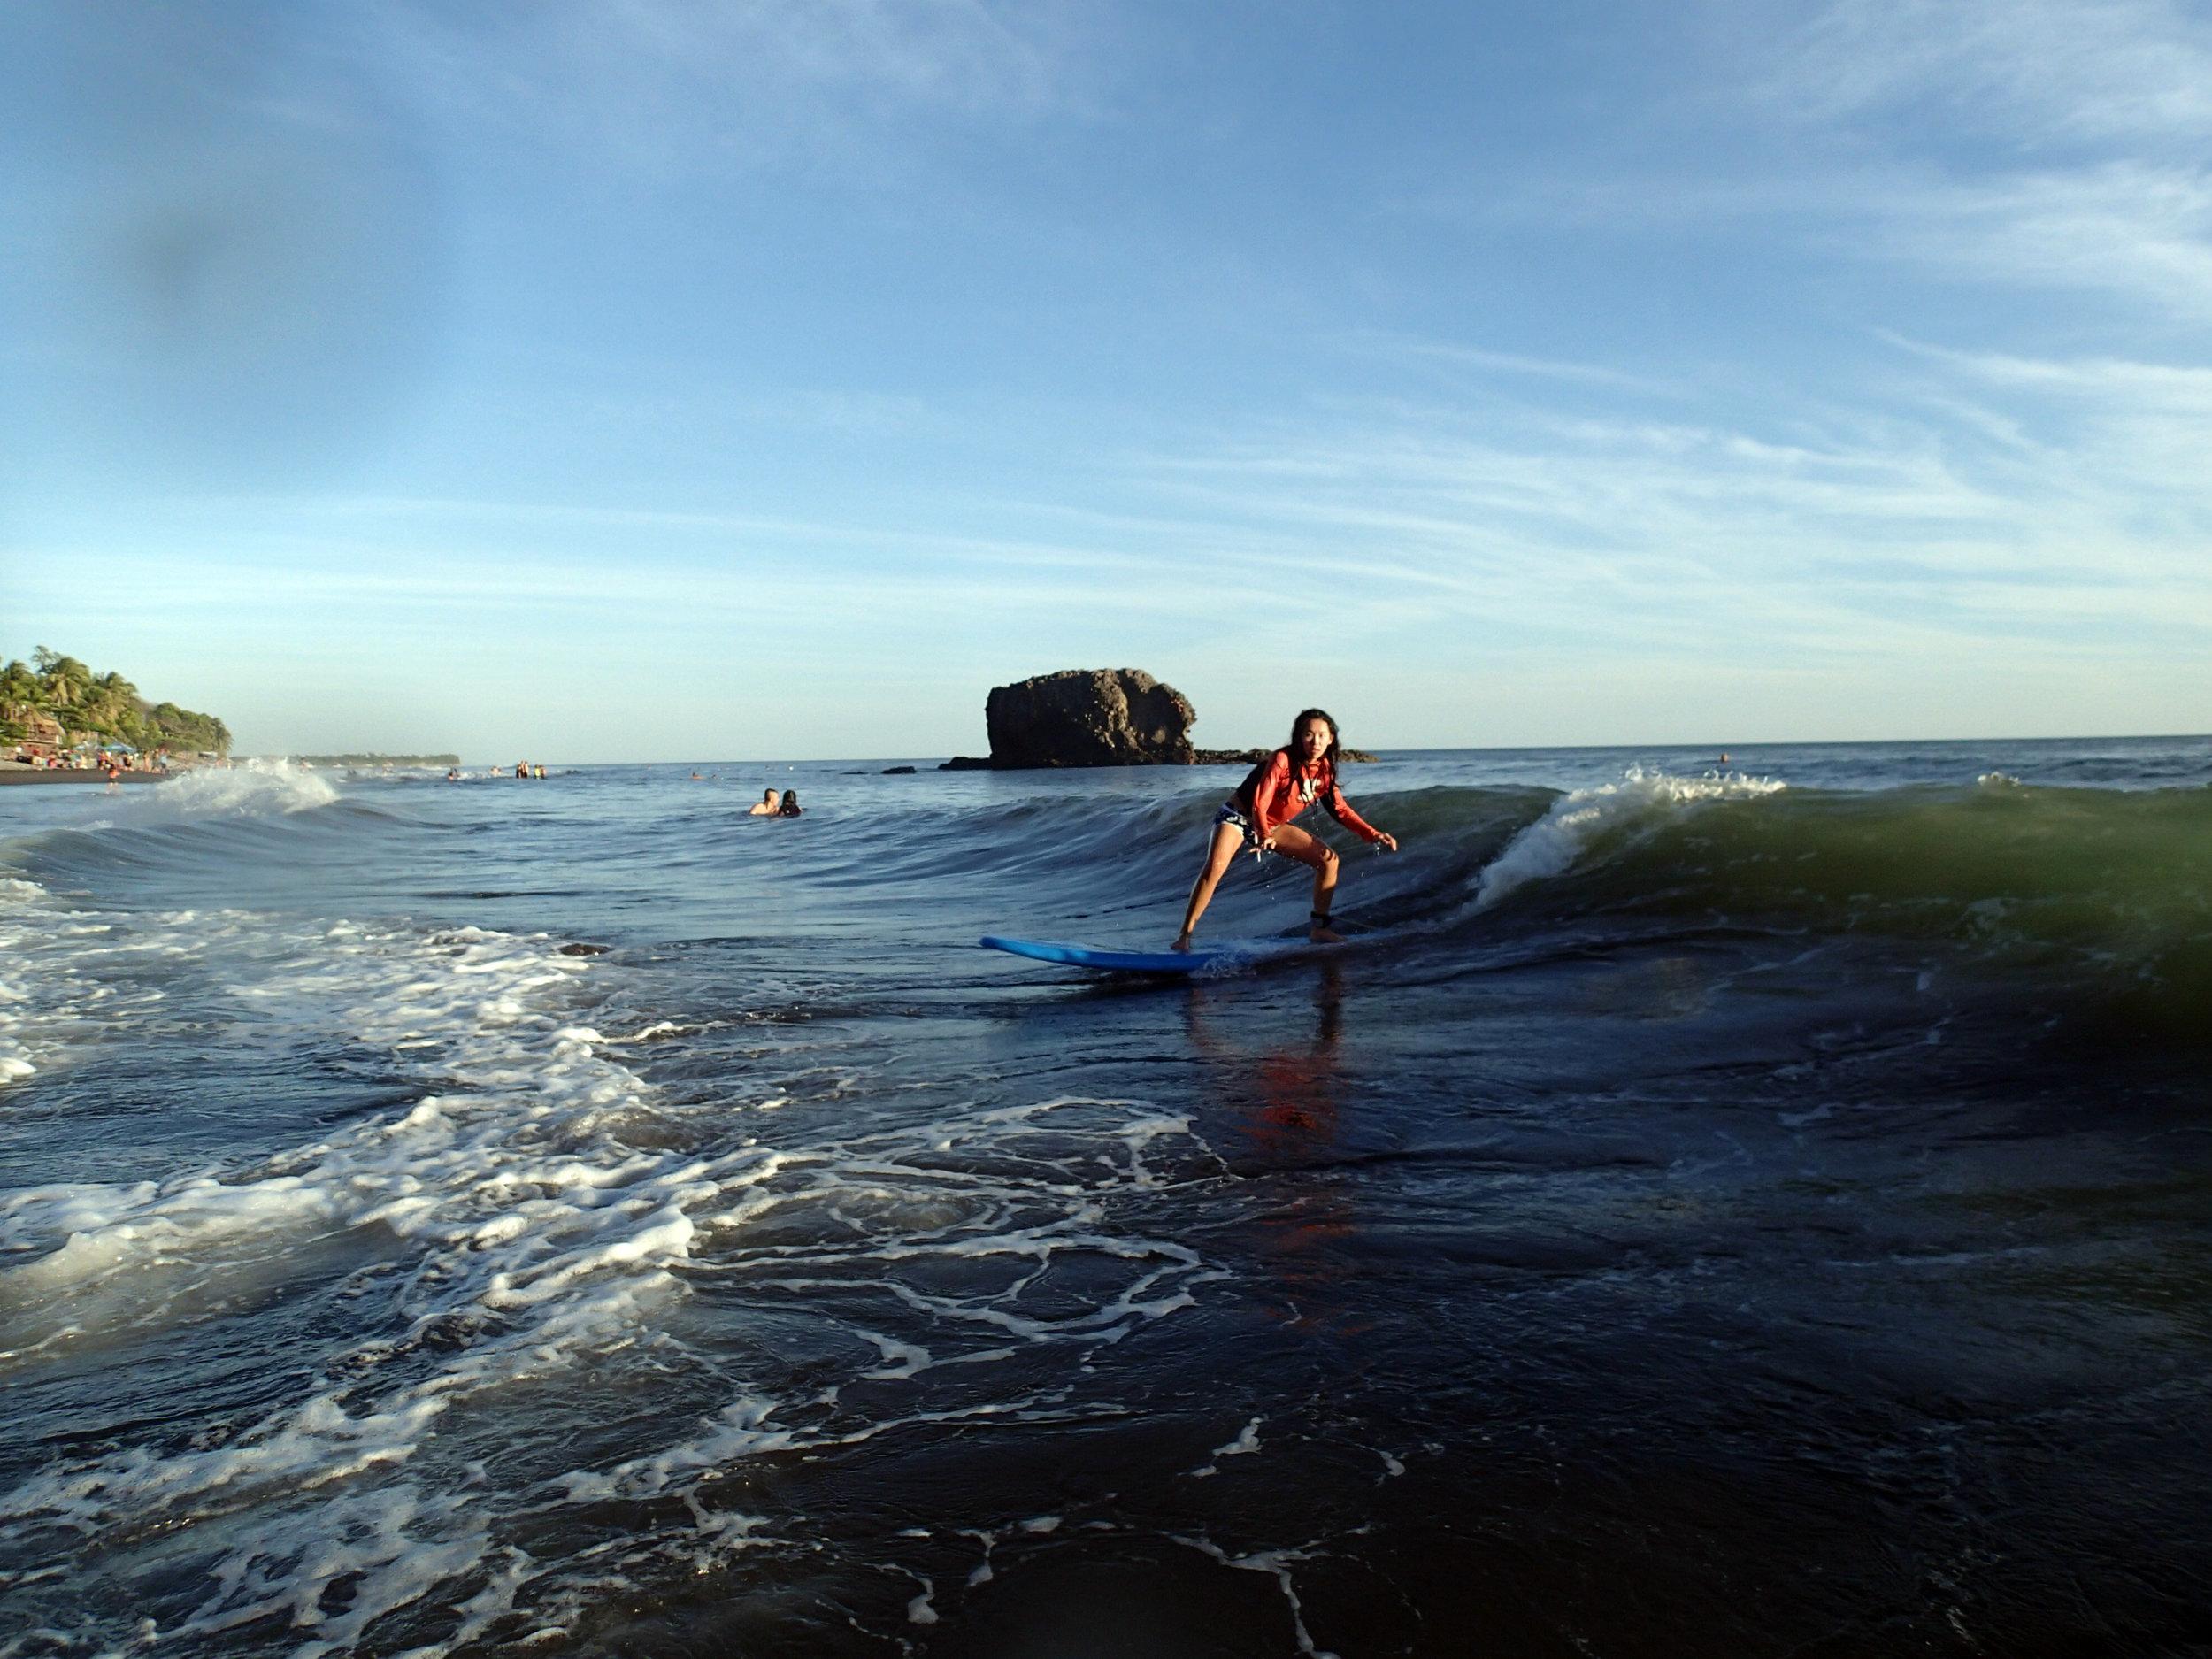 surf-ciao at Playa El Tunco.jpg